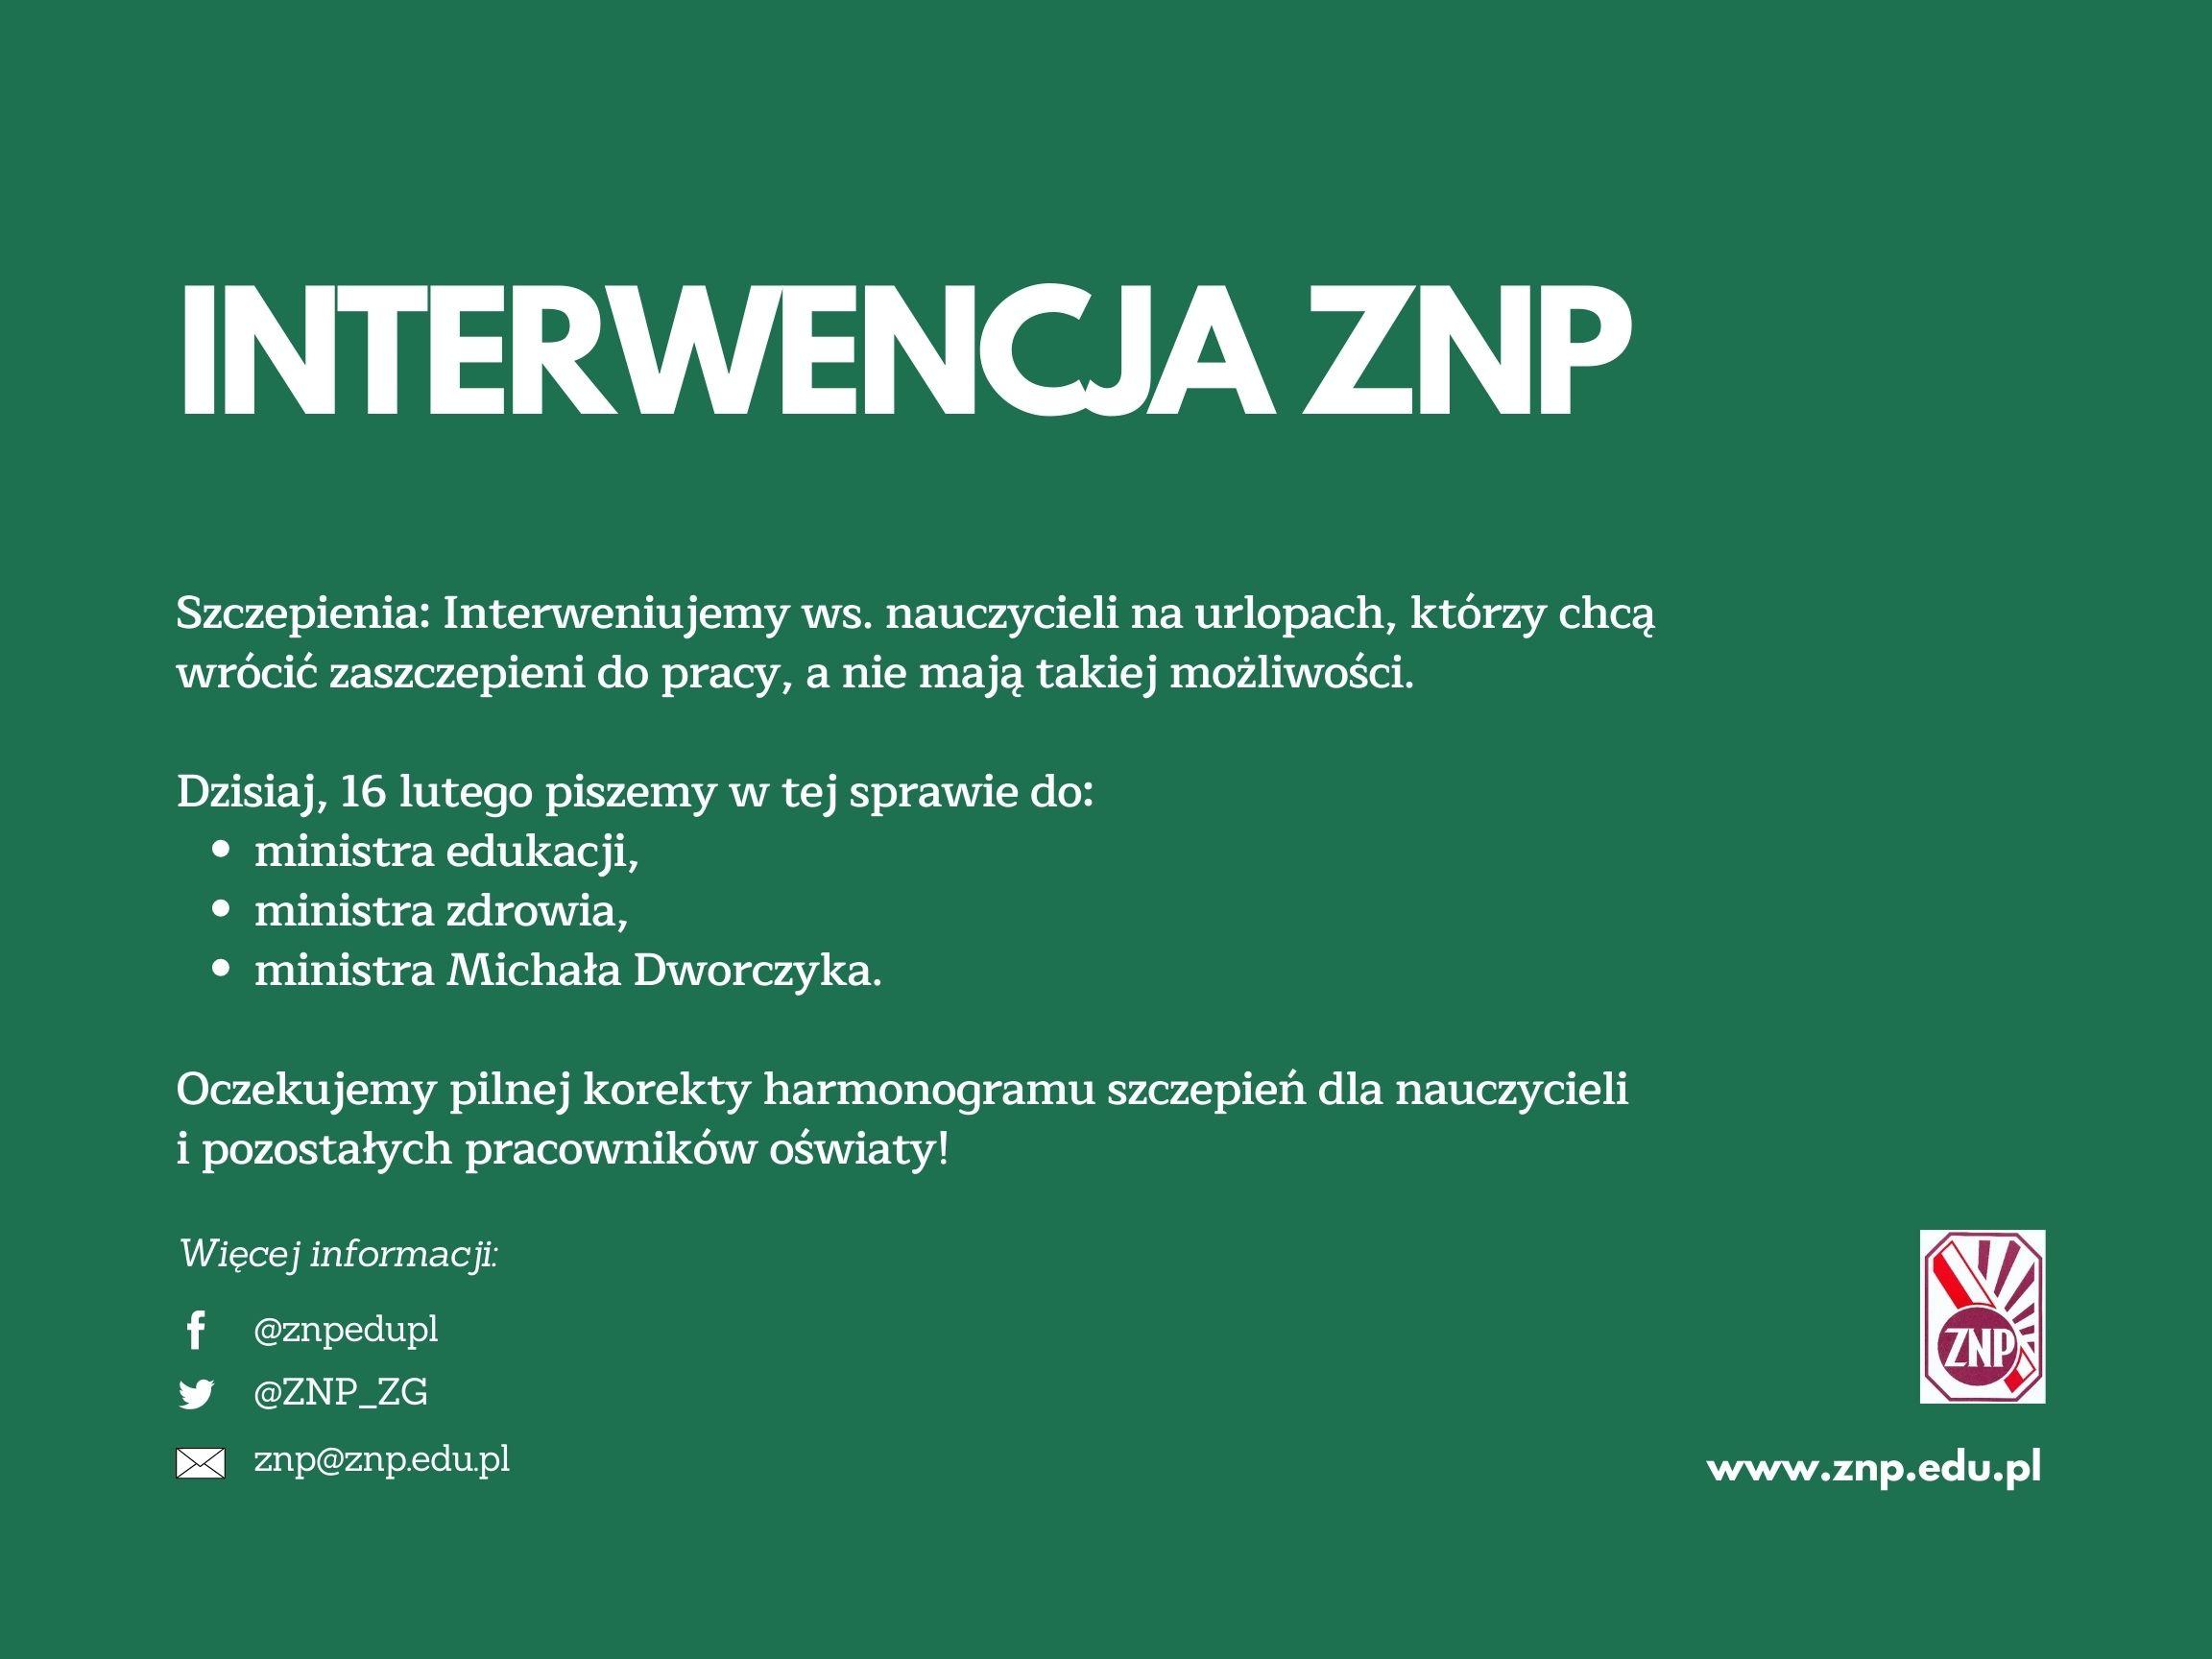 INTERWENCJA ZNP ws. nauczycieli na urlopach